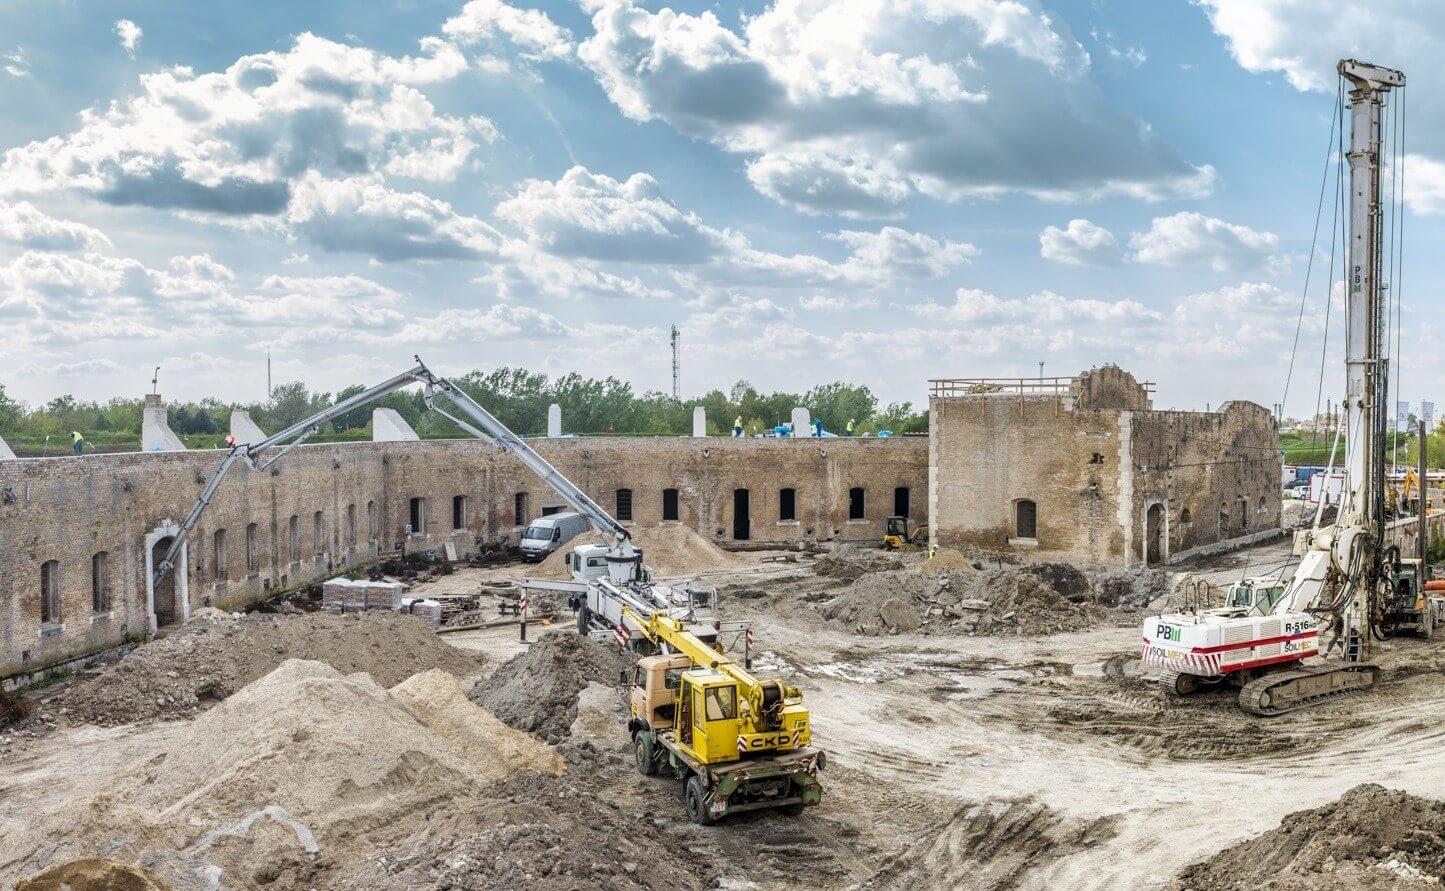 Több mint 30 százalékkal nőtt az építőipar termelése